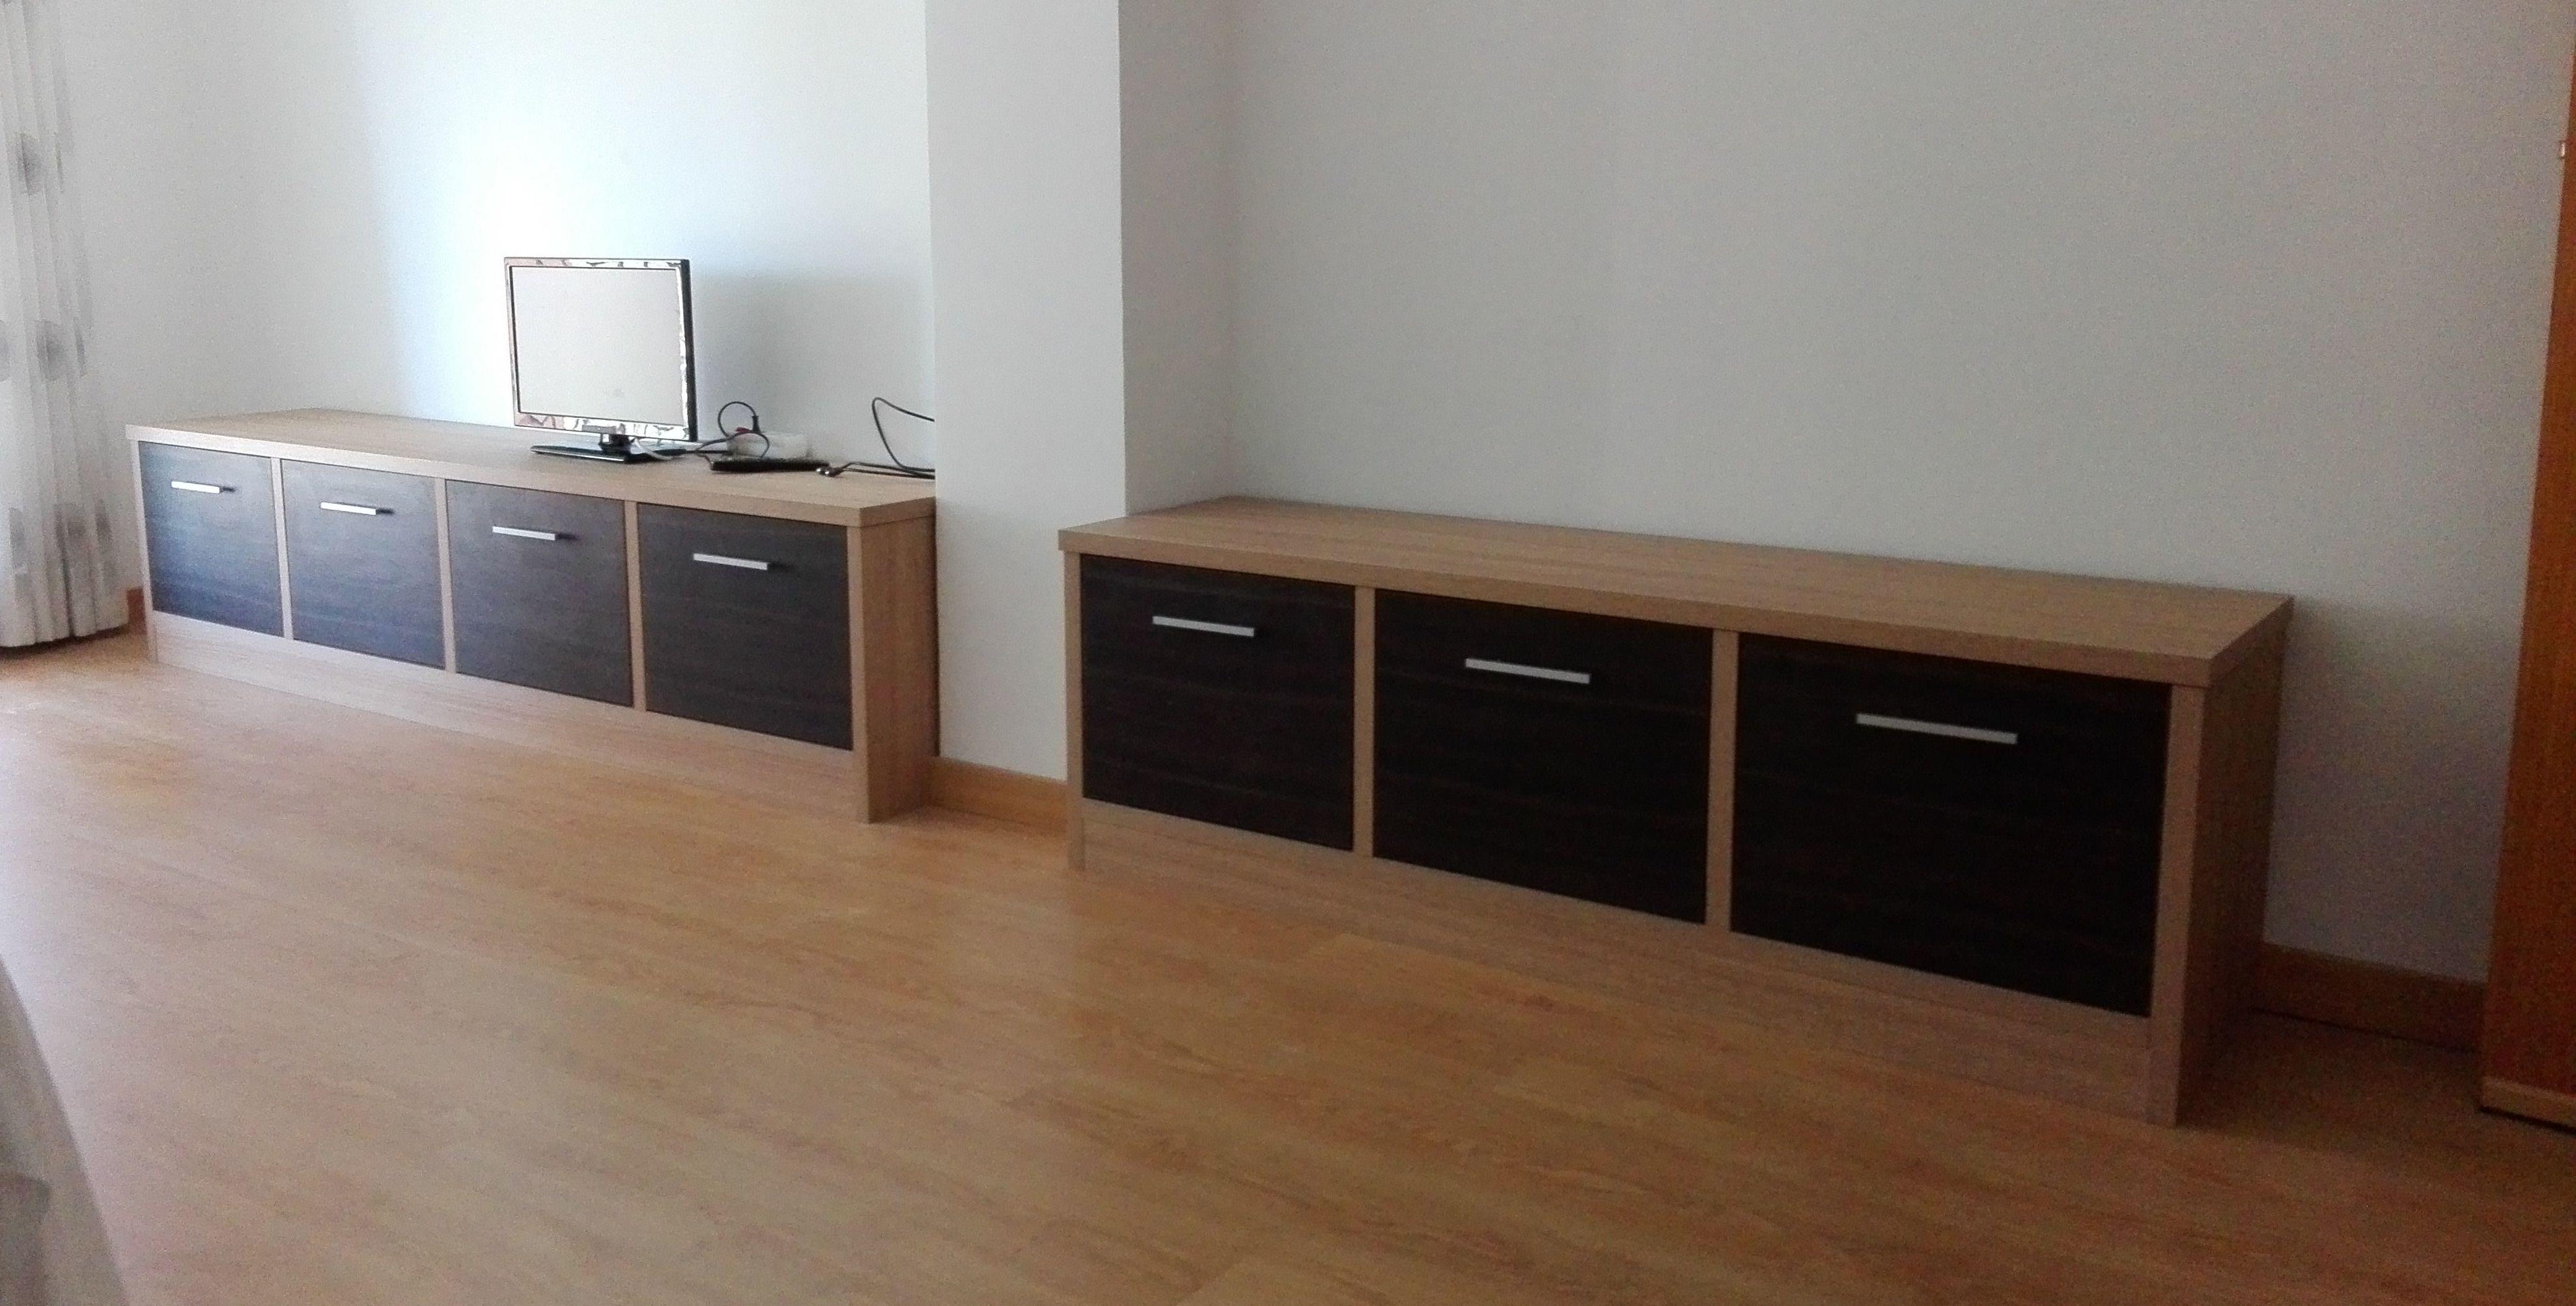 Foto 168 de armarios en la boutique del armario for Muebles bajos para salon